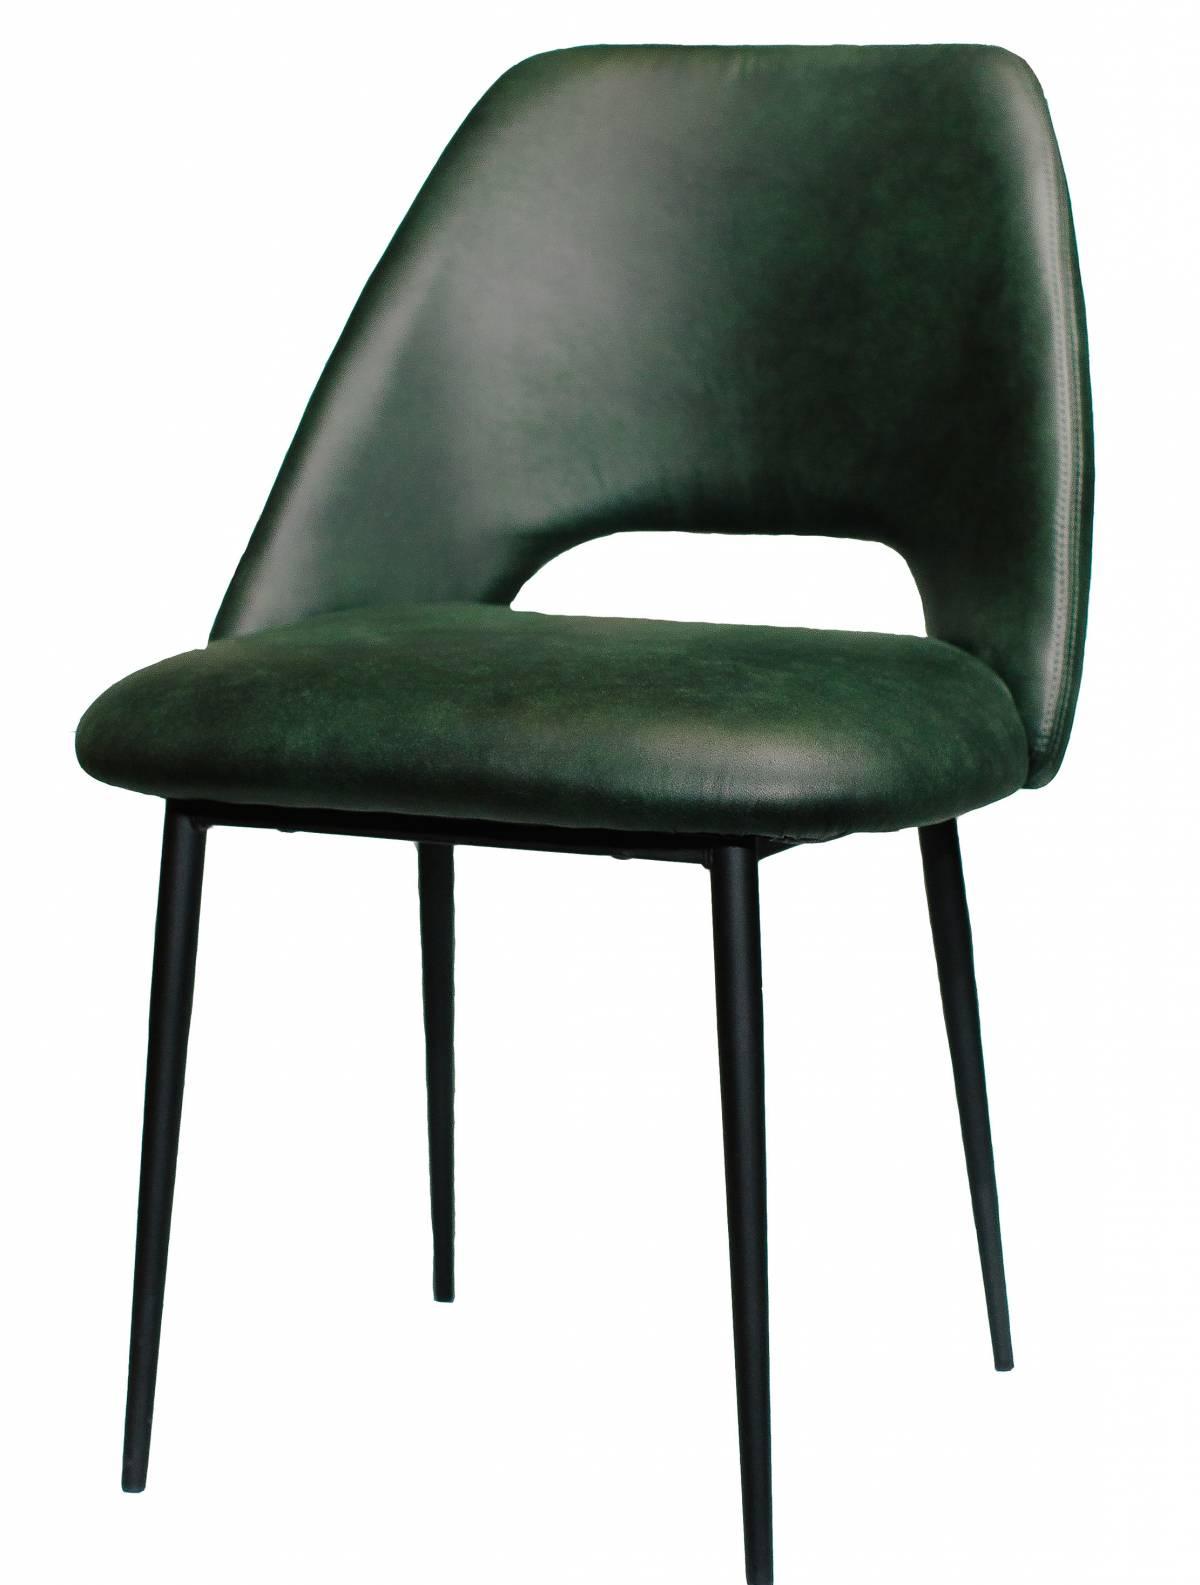 Металлический стул Vic Sandalye экокожа зеленый в Raroom